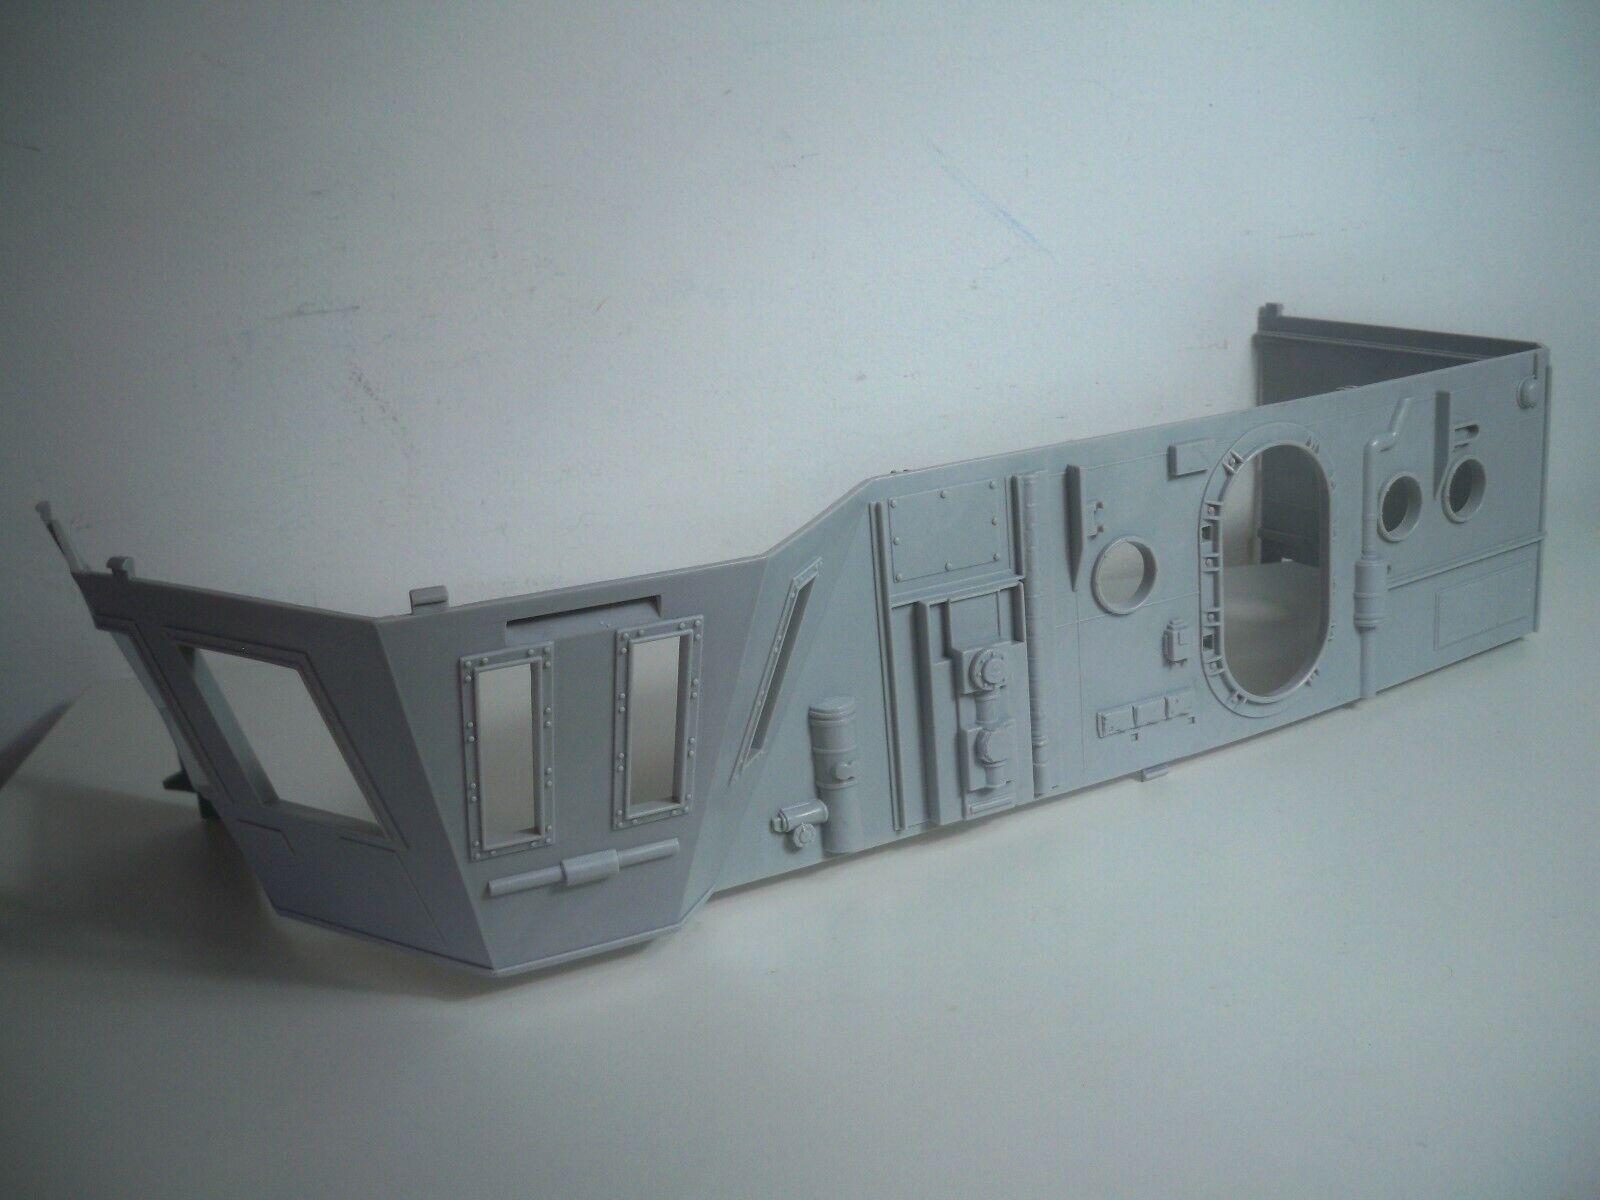 K199342 USS FLAGG MIDDLE DECK WALL PART 1985 GI JOE AIRCRAFT CARRIER ORIGINAL